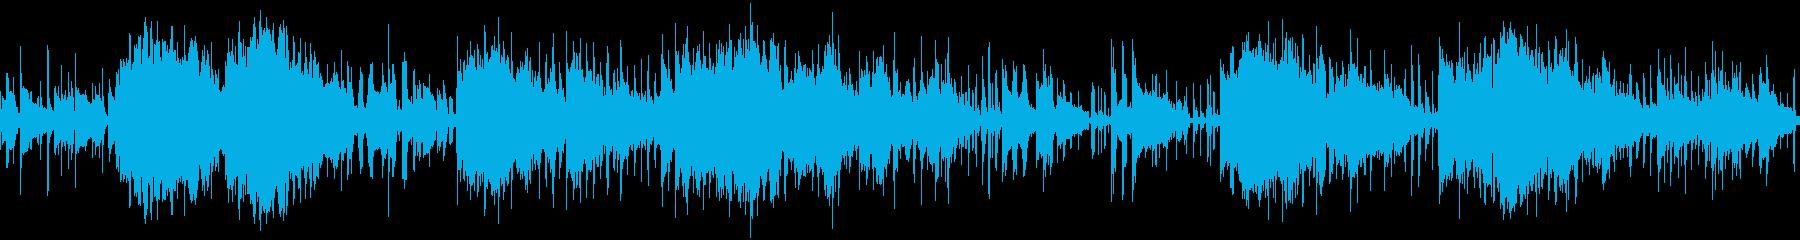 フュージョン パーカッション スト...の再生済みの波形